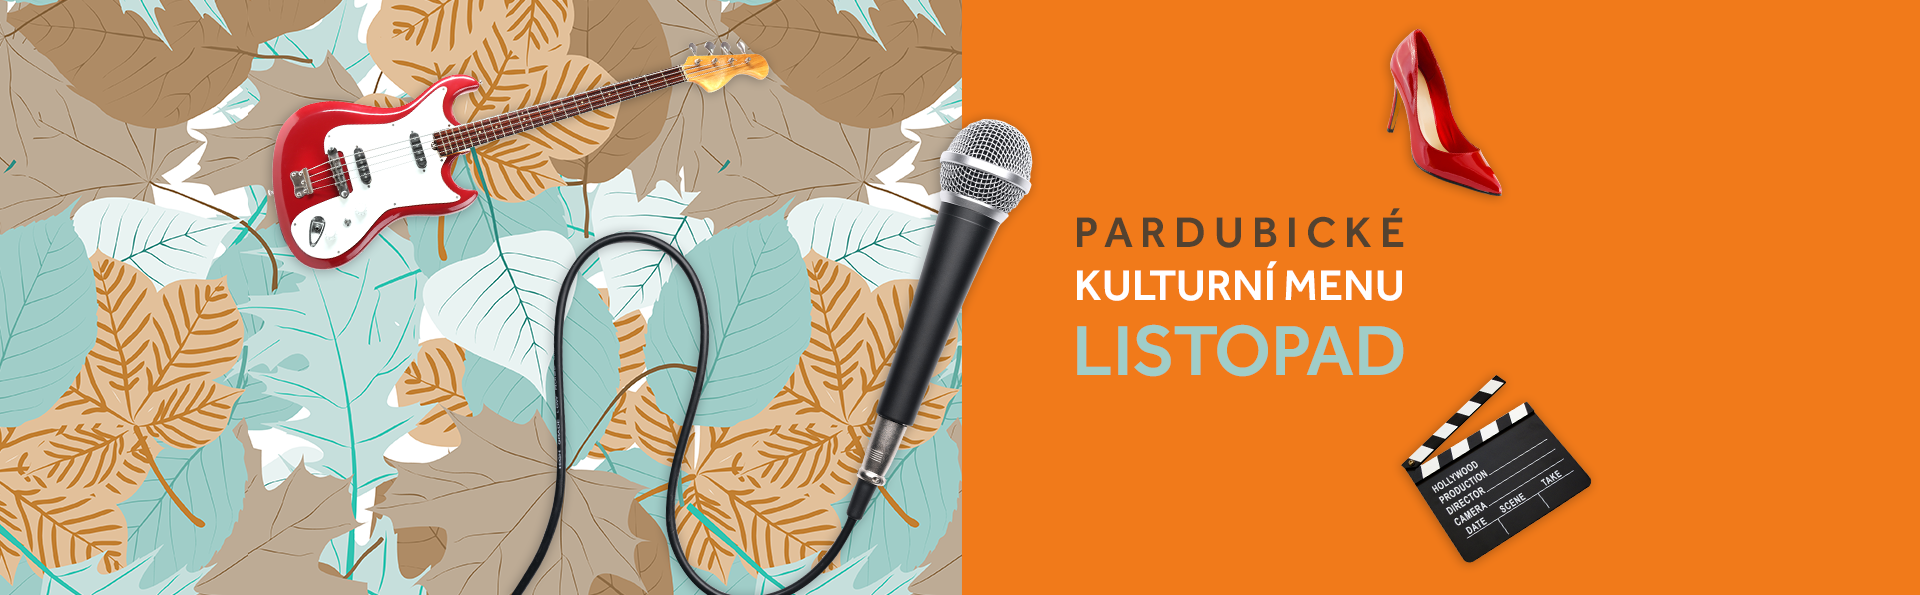 Pardubické kulturní menu listopad